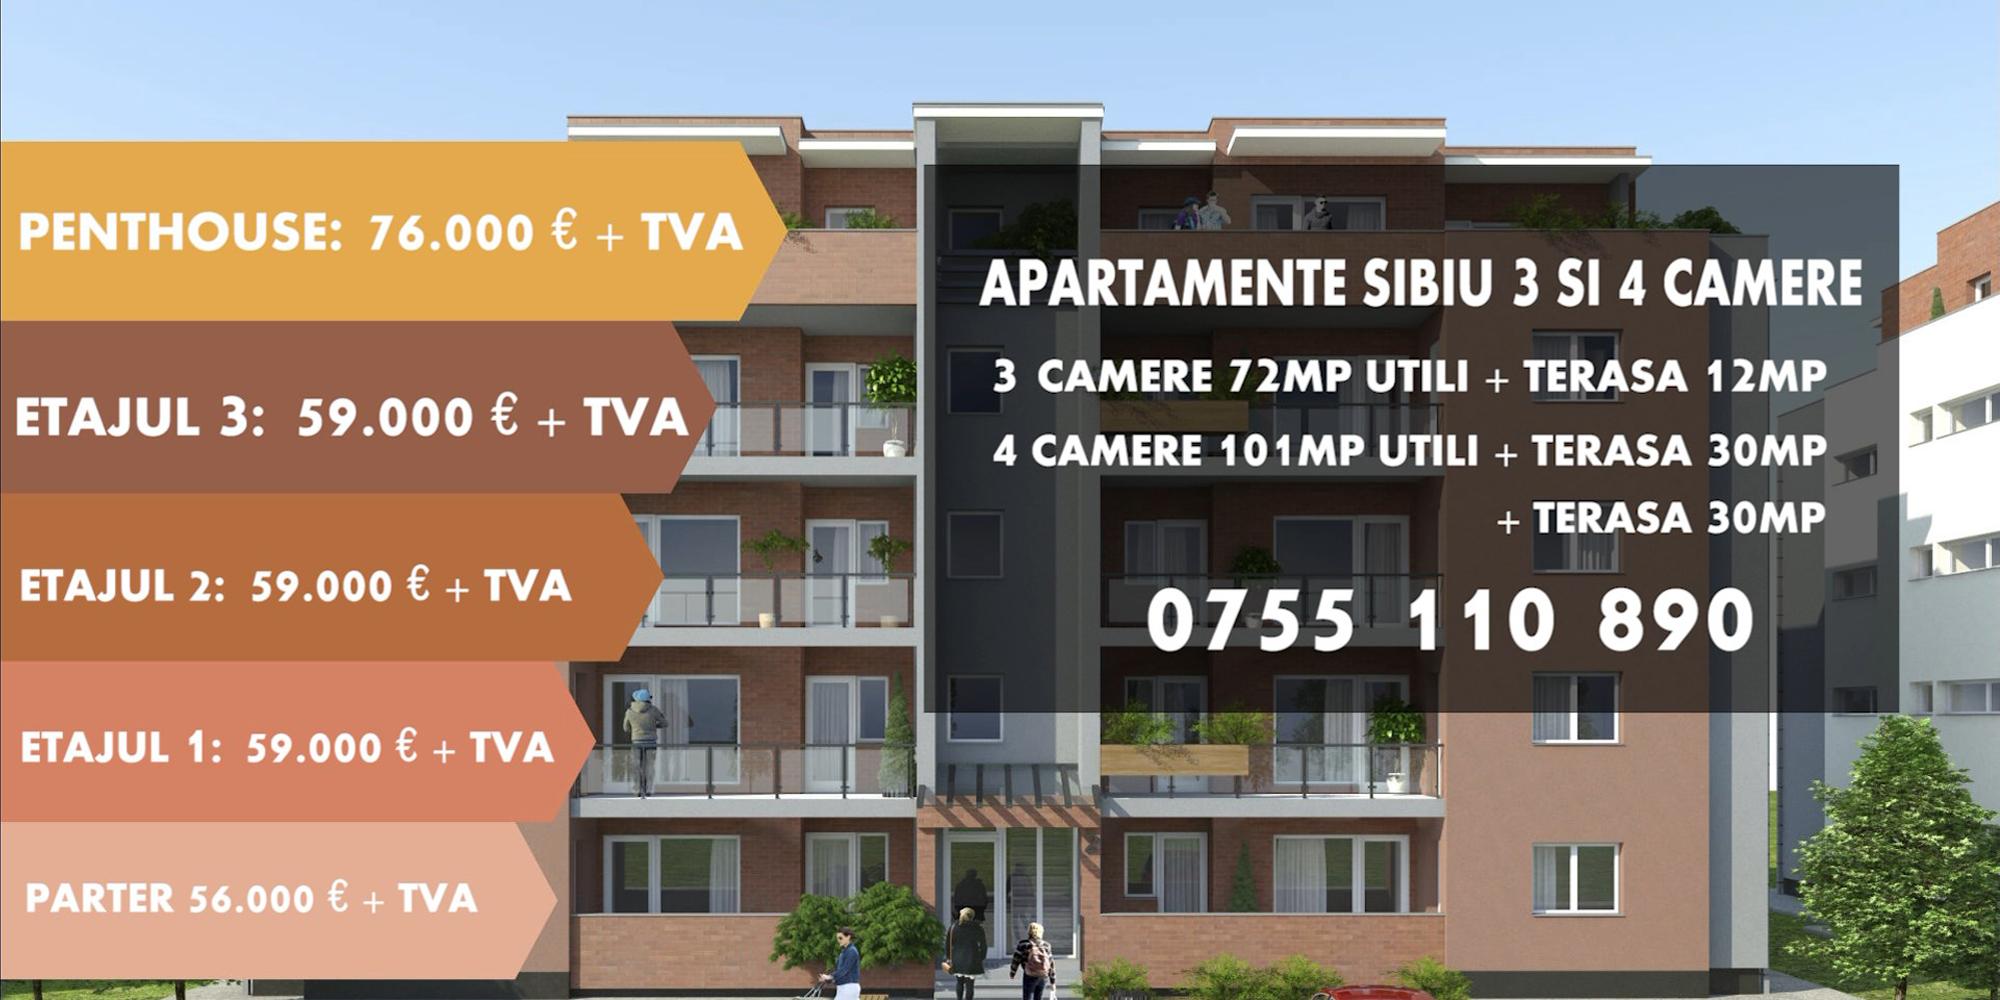 Apartamente 3 si 4 camere Sibiu